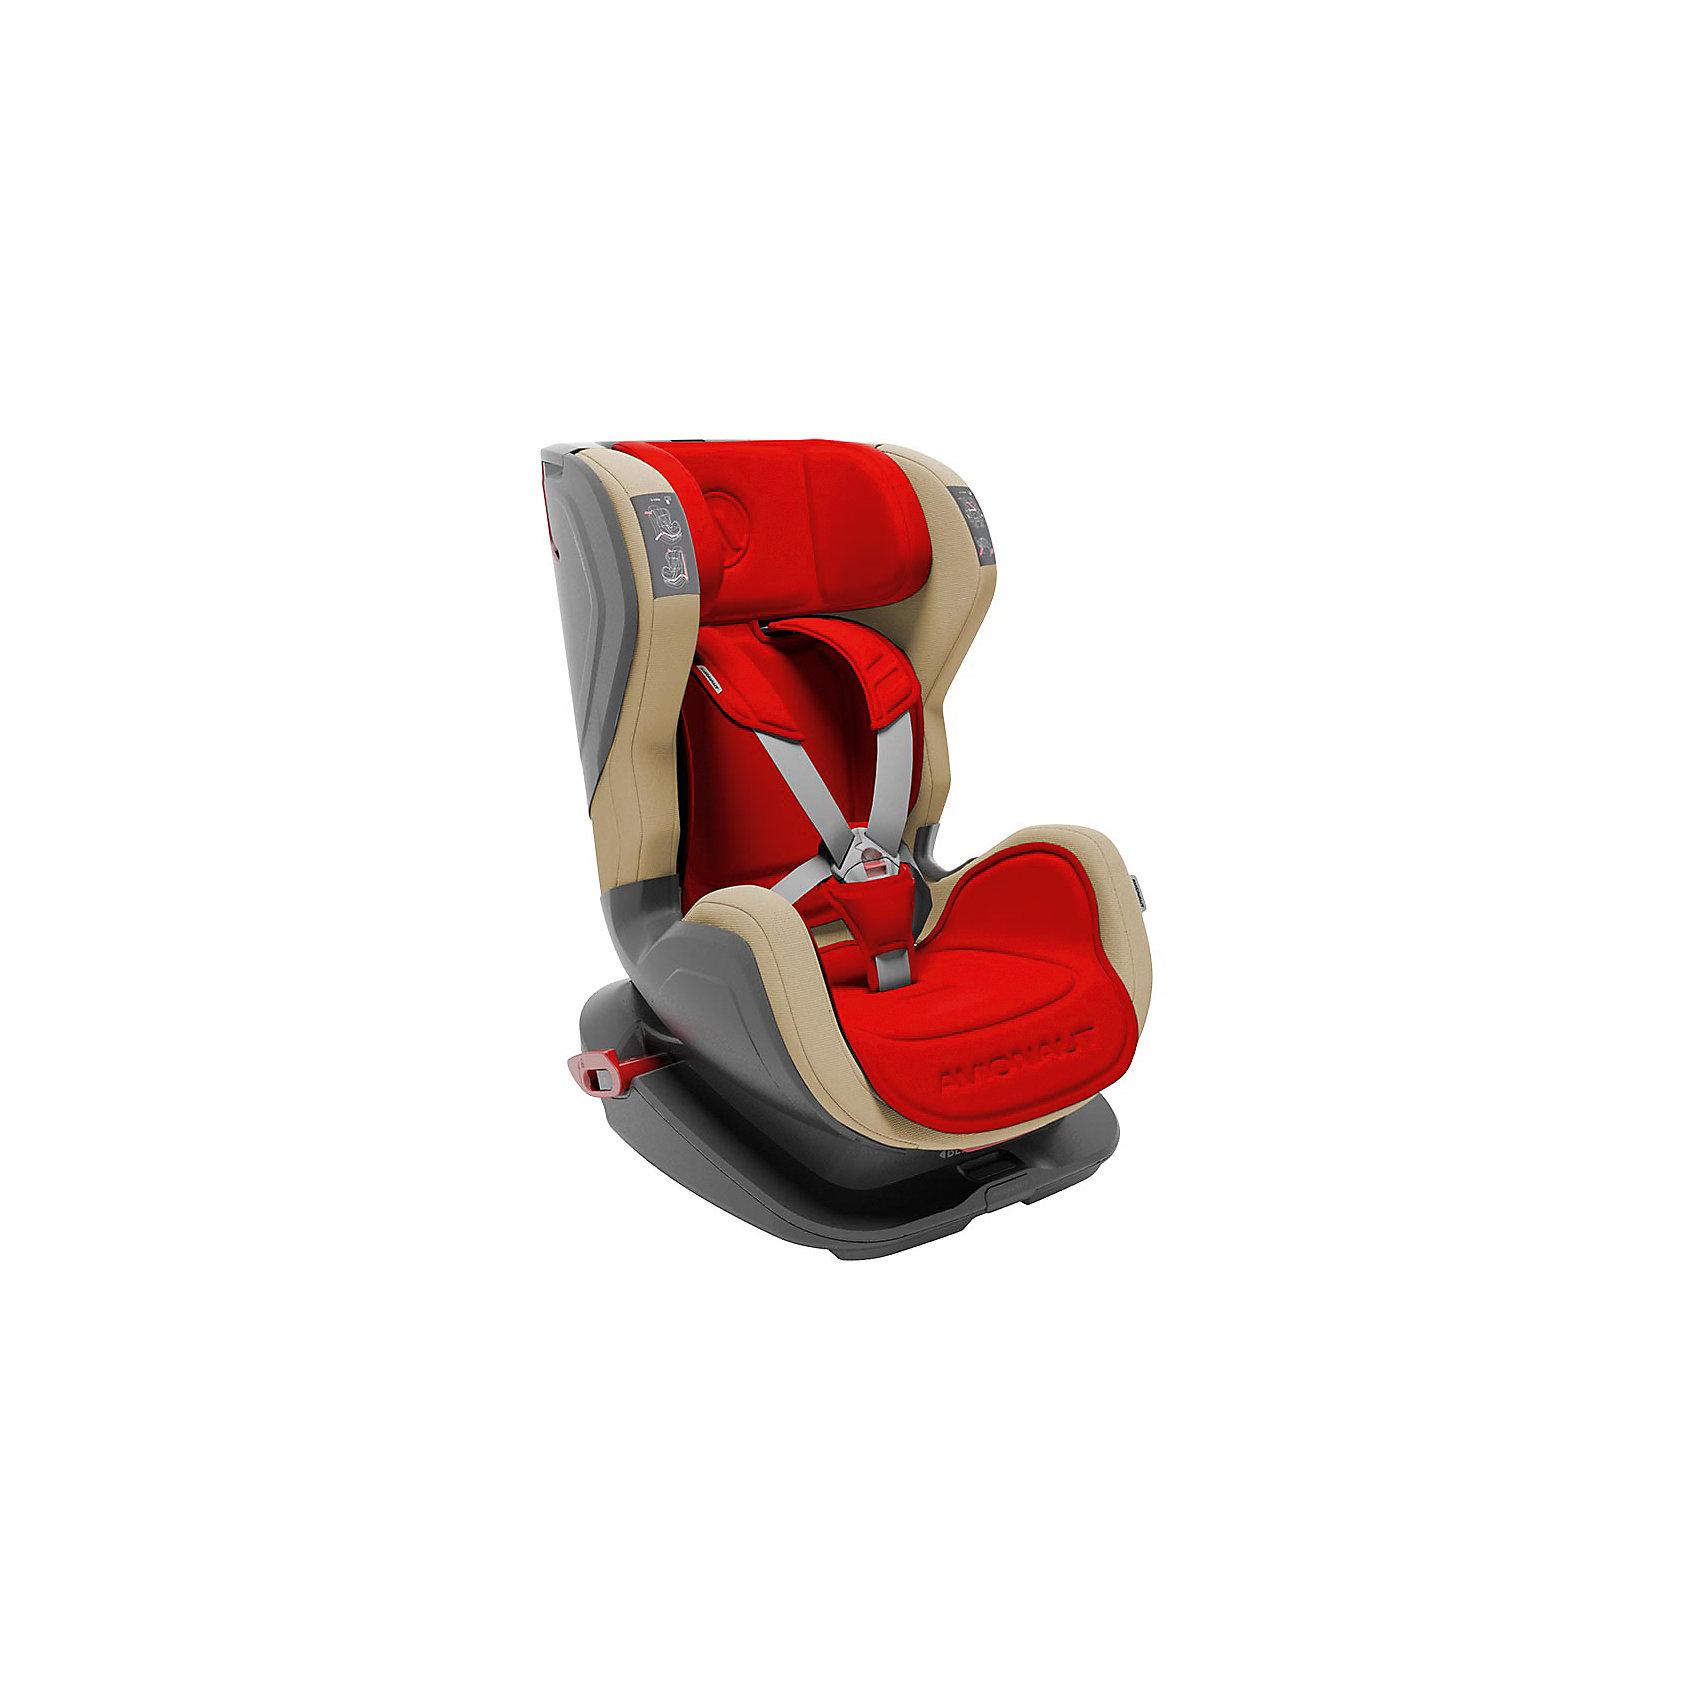 Автокресло Avionaut GLIDER, 9-25кг, красный/бежевыйГруппа 1-2 (От 9 до 25 кг)<br>Характеристики товара:<br><br>• группа автокресла: 1-2;<br>• возраст: от 9 месяцев до 6 лет;<br>• вес ребенка: 9-25 кг;<br>• материал: пластик, полиэстер;<br>• 5-ти точечные ремни безопасности;<br>• регулировка высоты подголовника;<br>• регулировка наклона спинки;<br>• установка автокресла: по ходу движения;<br>• способ крепления: штатным ремнем автомобиля;<br>• размер автокресла: 66х44х53 см;<br>• вес автокресла: 8,15 кг;<br>• размер упаковки: 47х69х69 см;<br>• вес упаковки: 9,2 кг;<br>• страна производитель: Польша.<br><br>Автокресло Avionaut Glider красное/бежевое обеспечивает надежную защиту малыша при перевозке в автомобиле. Оно устанавливается на пассажирском сидении при помощи штатных ремней автомобиля. Каркас выполнен из ударопрочного пластика.<br><br>Усиленные боковины с наполнителем поглощают основной удар при столкновении, защищая ребенка от травм. Подголовник выполнен из особого материала: вспененного полипропилена, который защищает хрупкую шею и голову ребенка. Подголовник можно отрегулировать по высоте по мере роста малыша.<br><br>Комфортную поездку обеспечивают мягкий вкладыш и регулируемая спинка. Съемный чехол выполнен из мягкого воздухопроницаемого материала. На спинке имеется кармашек для хранения мелочей или инструкции по эксплуатации.<br><br>Автокресло Avionaut Glider красное/бежевое можно приобрести в нашем интернет-магазине.<br><br>Ширина мм: 470<br>Глубина мм: 690<br>Высота мм: 690<br>Вес г: 8150<br>Возраст от месяцев: -2147483648<br>Возраст до месяцев: 2147483647<br>Пол: Унисекс<br>Возраст: Детский<br>SKU: 5500155